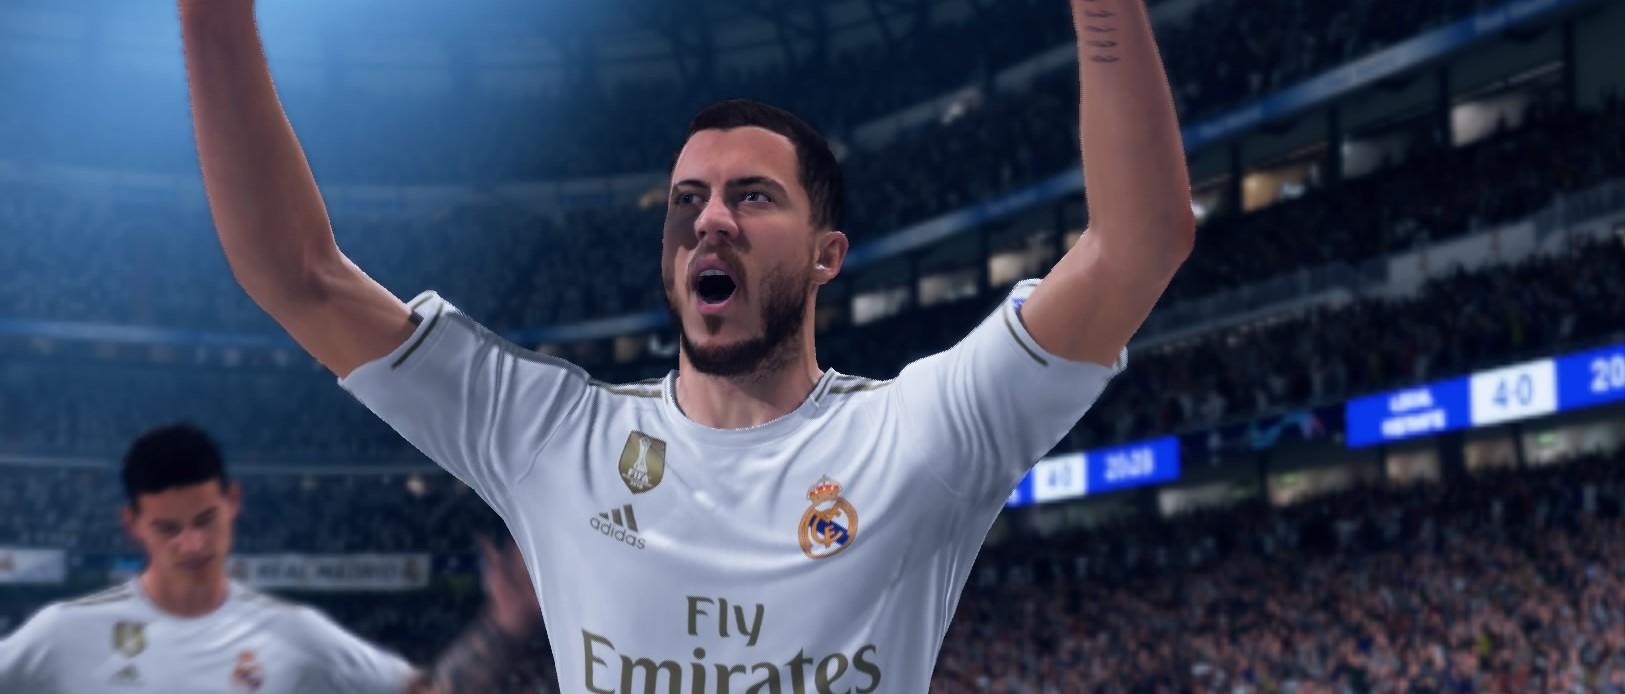 FIFA 20 TOTW 10: Die Predictions zum Team der Woche – mit Ronaldo